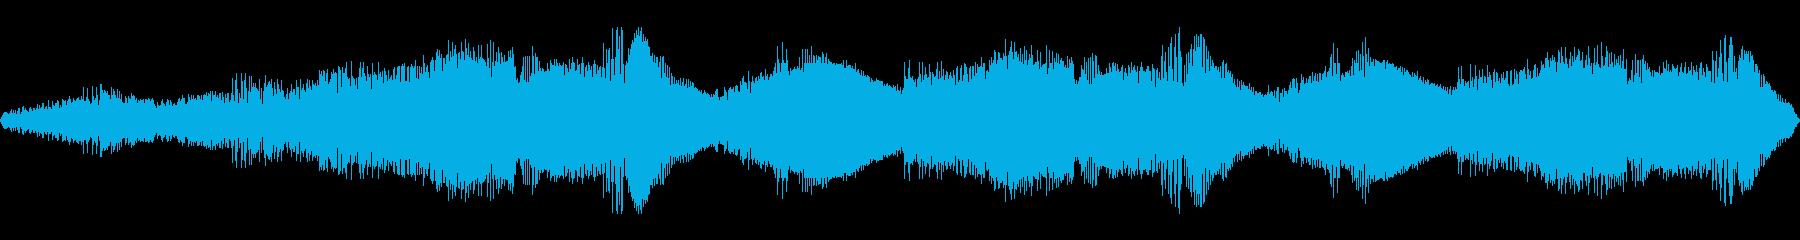 スペースベル、ジャンブルスペースシ...の再生済みの波形